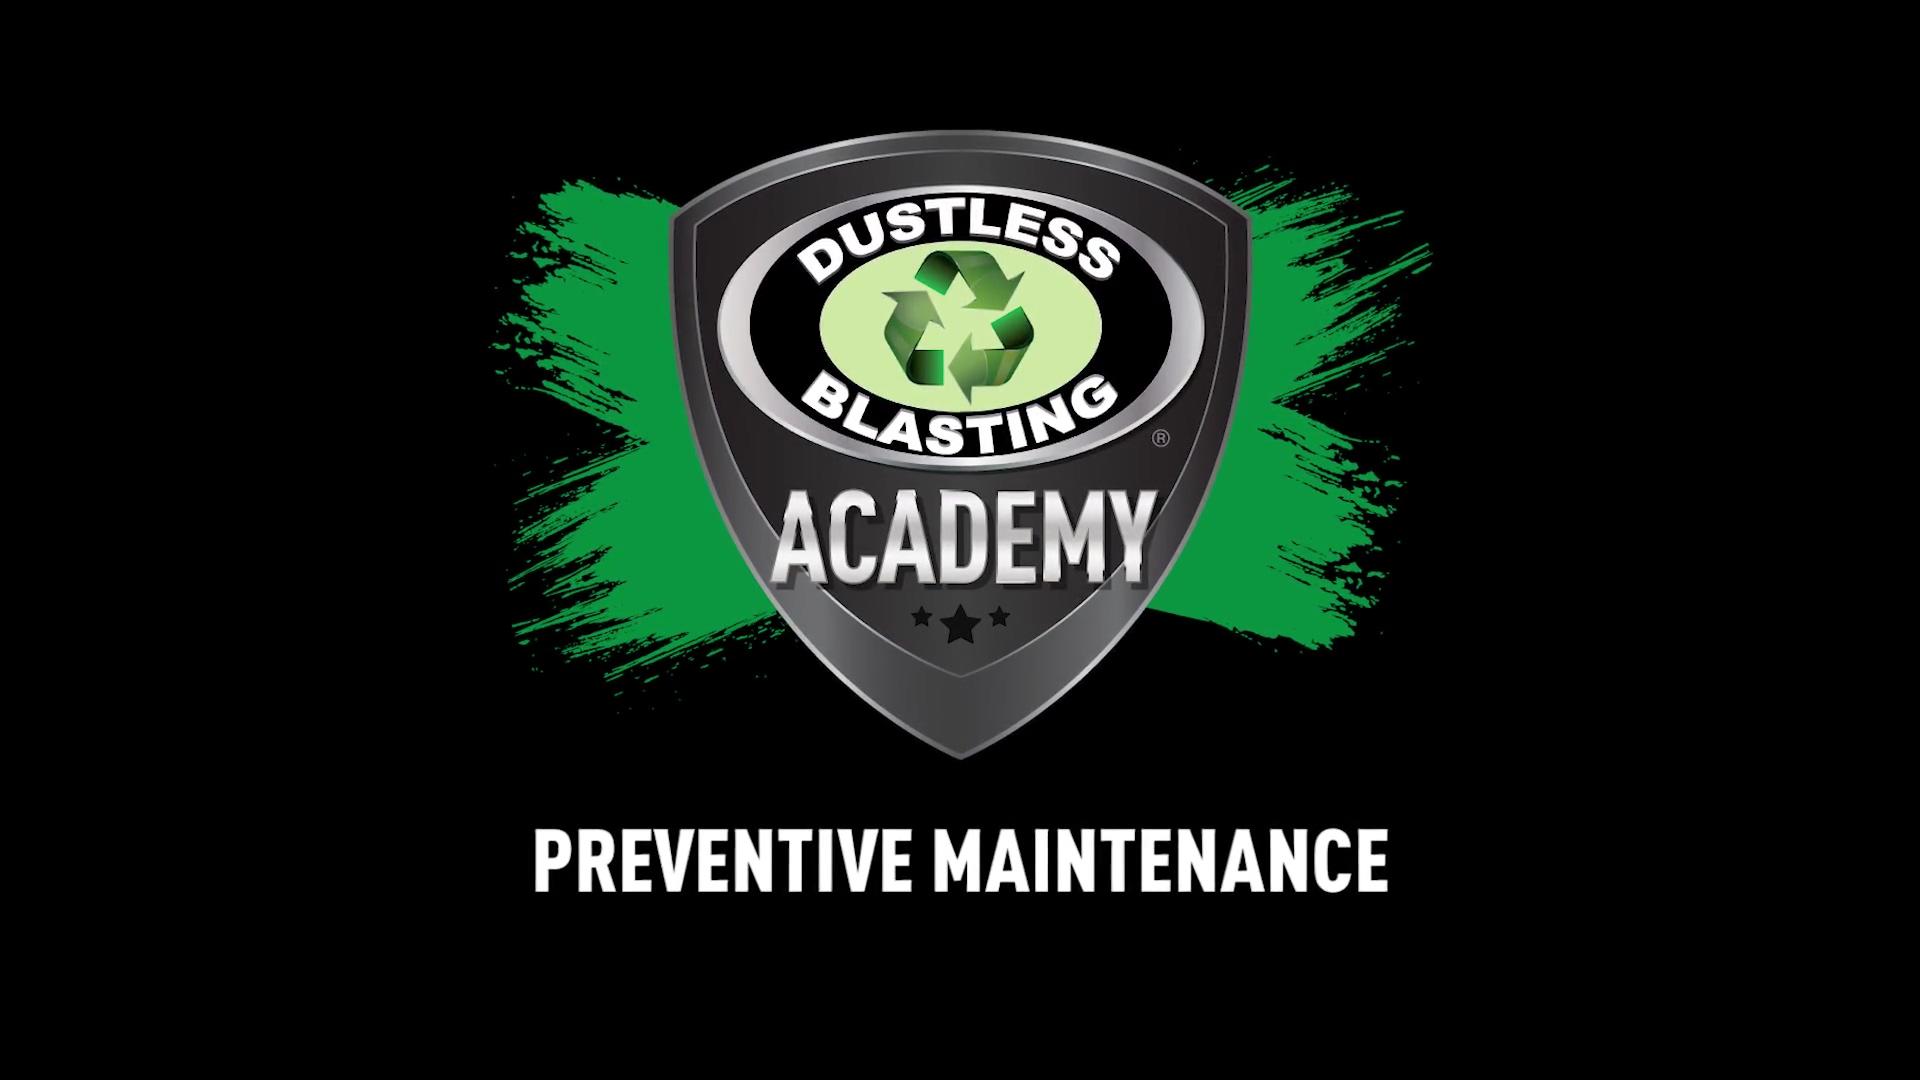 DB Academy - Preventive Maintenance